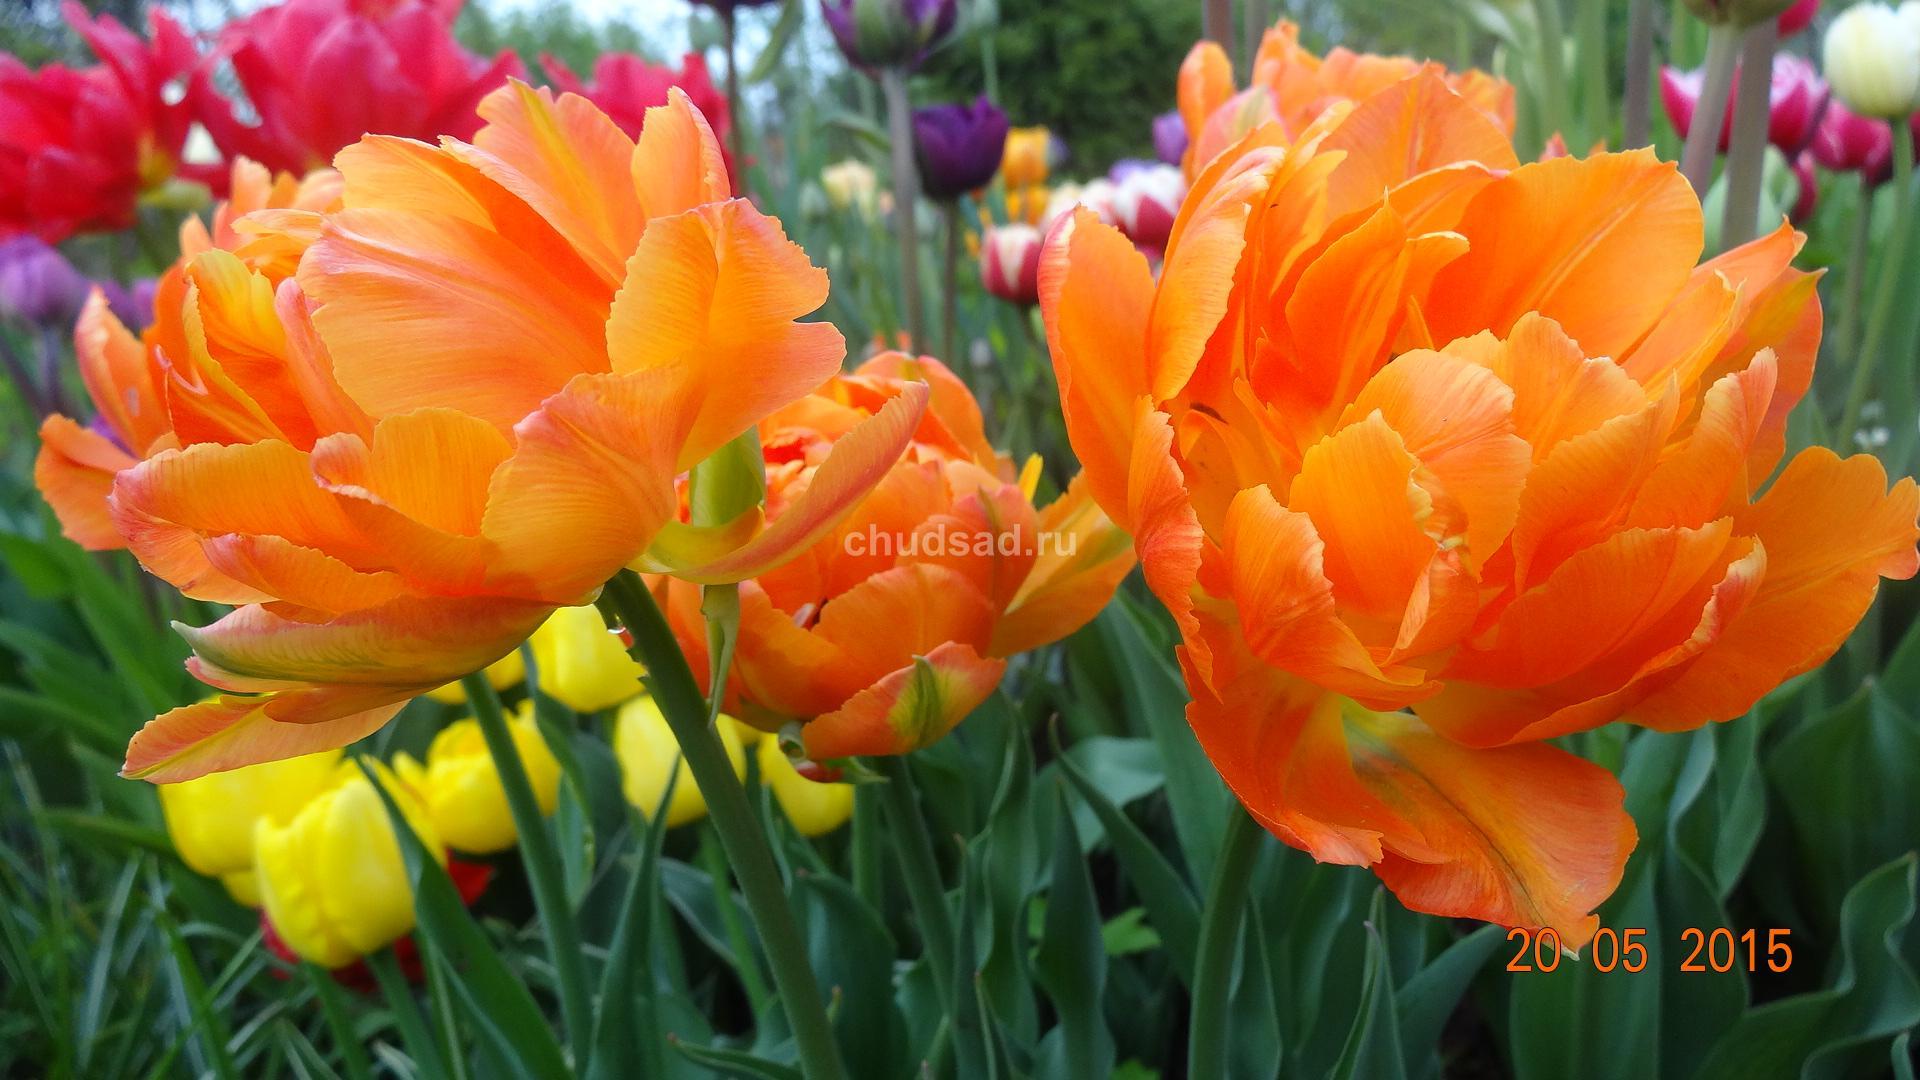 Тюльпан Махровый Анжелика Оранж